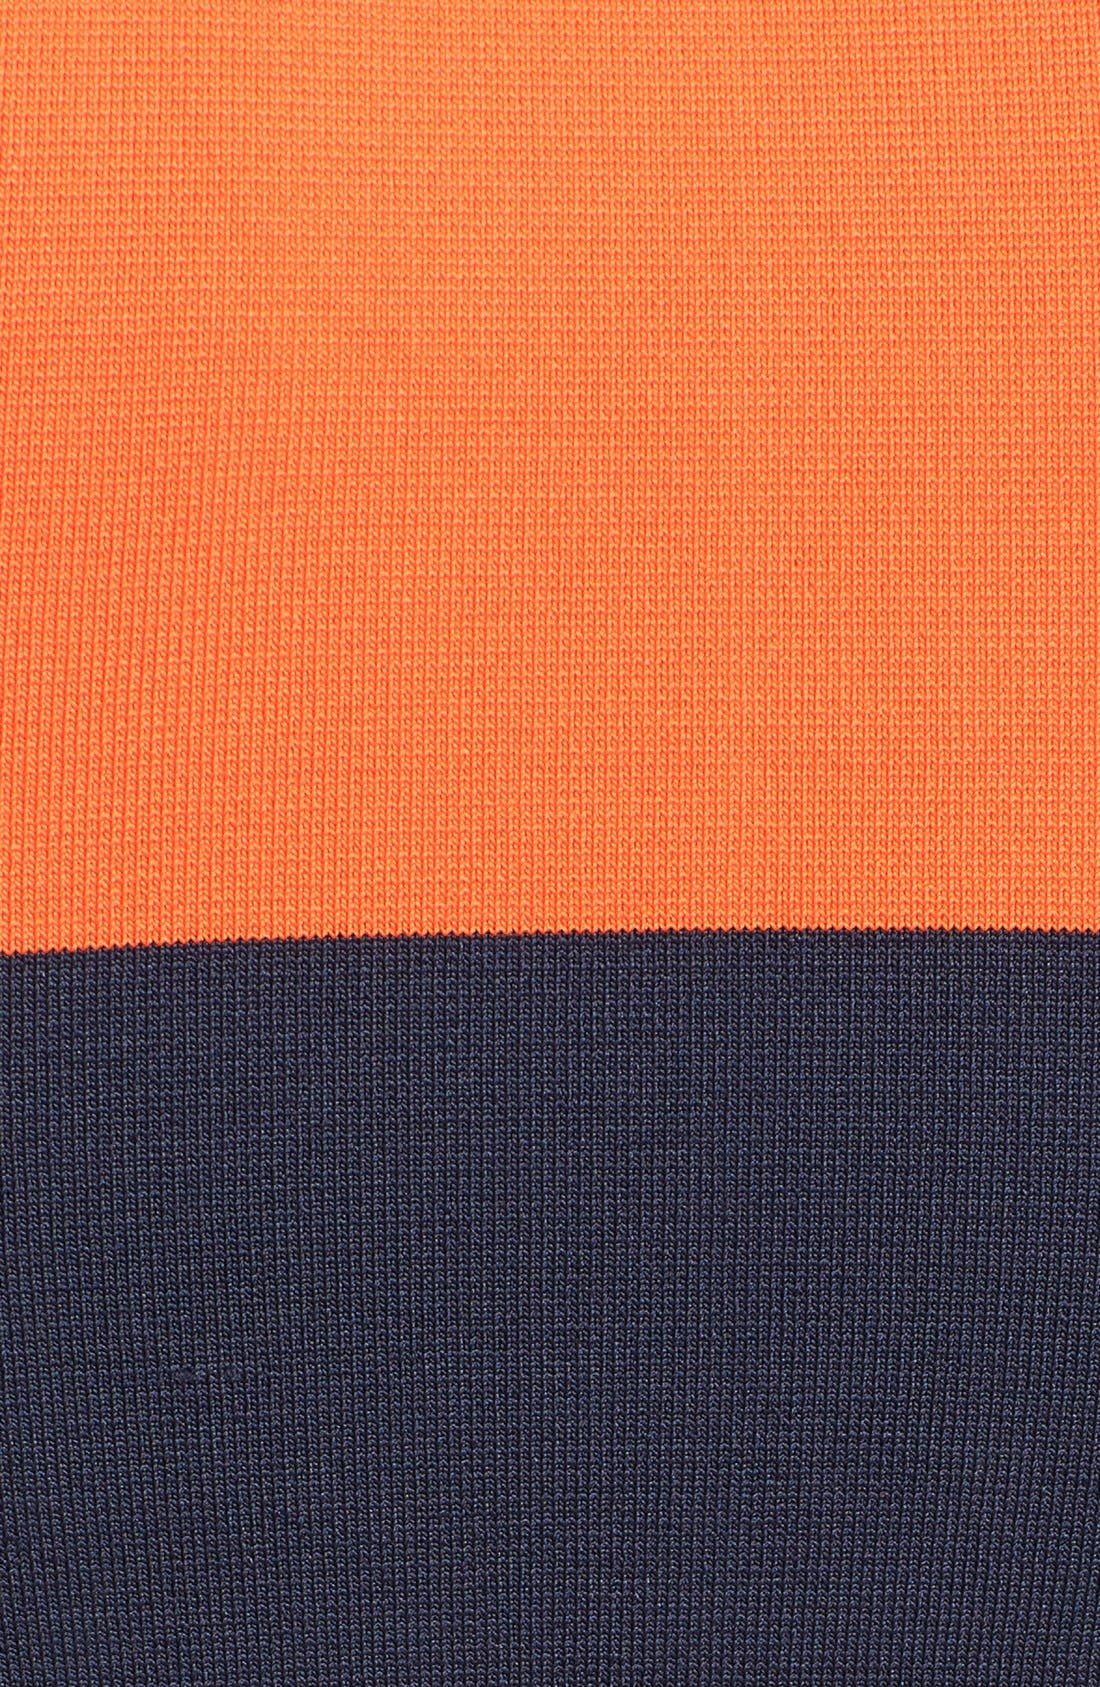 Alternate Image 4  - A.L.C. Stripe Crop Sweater